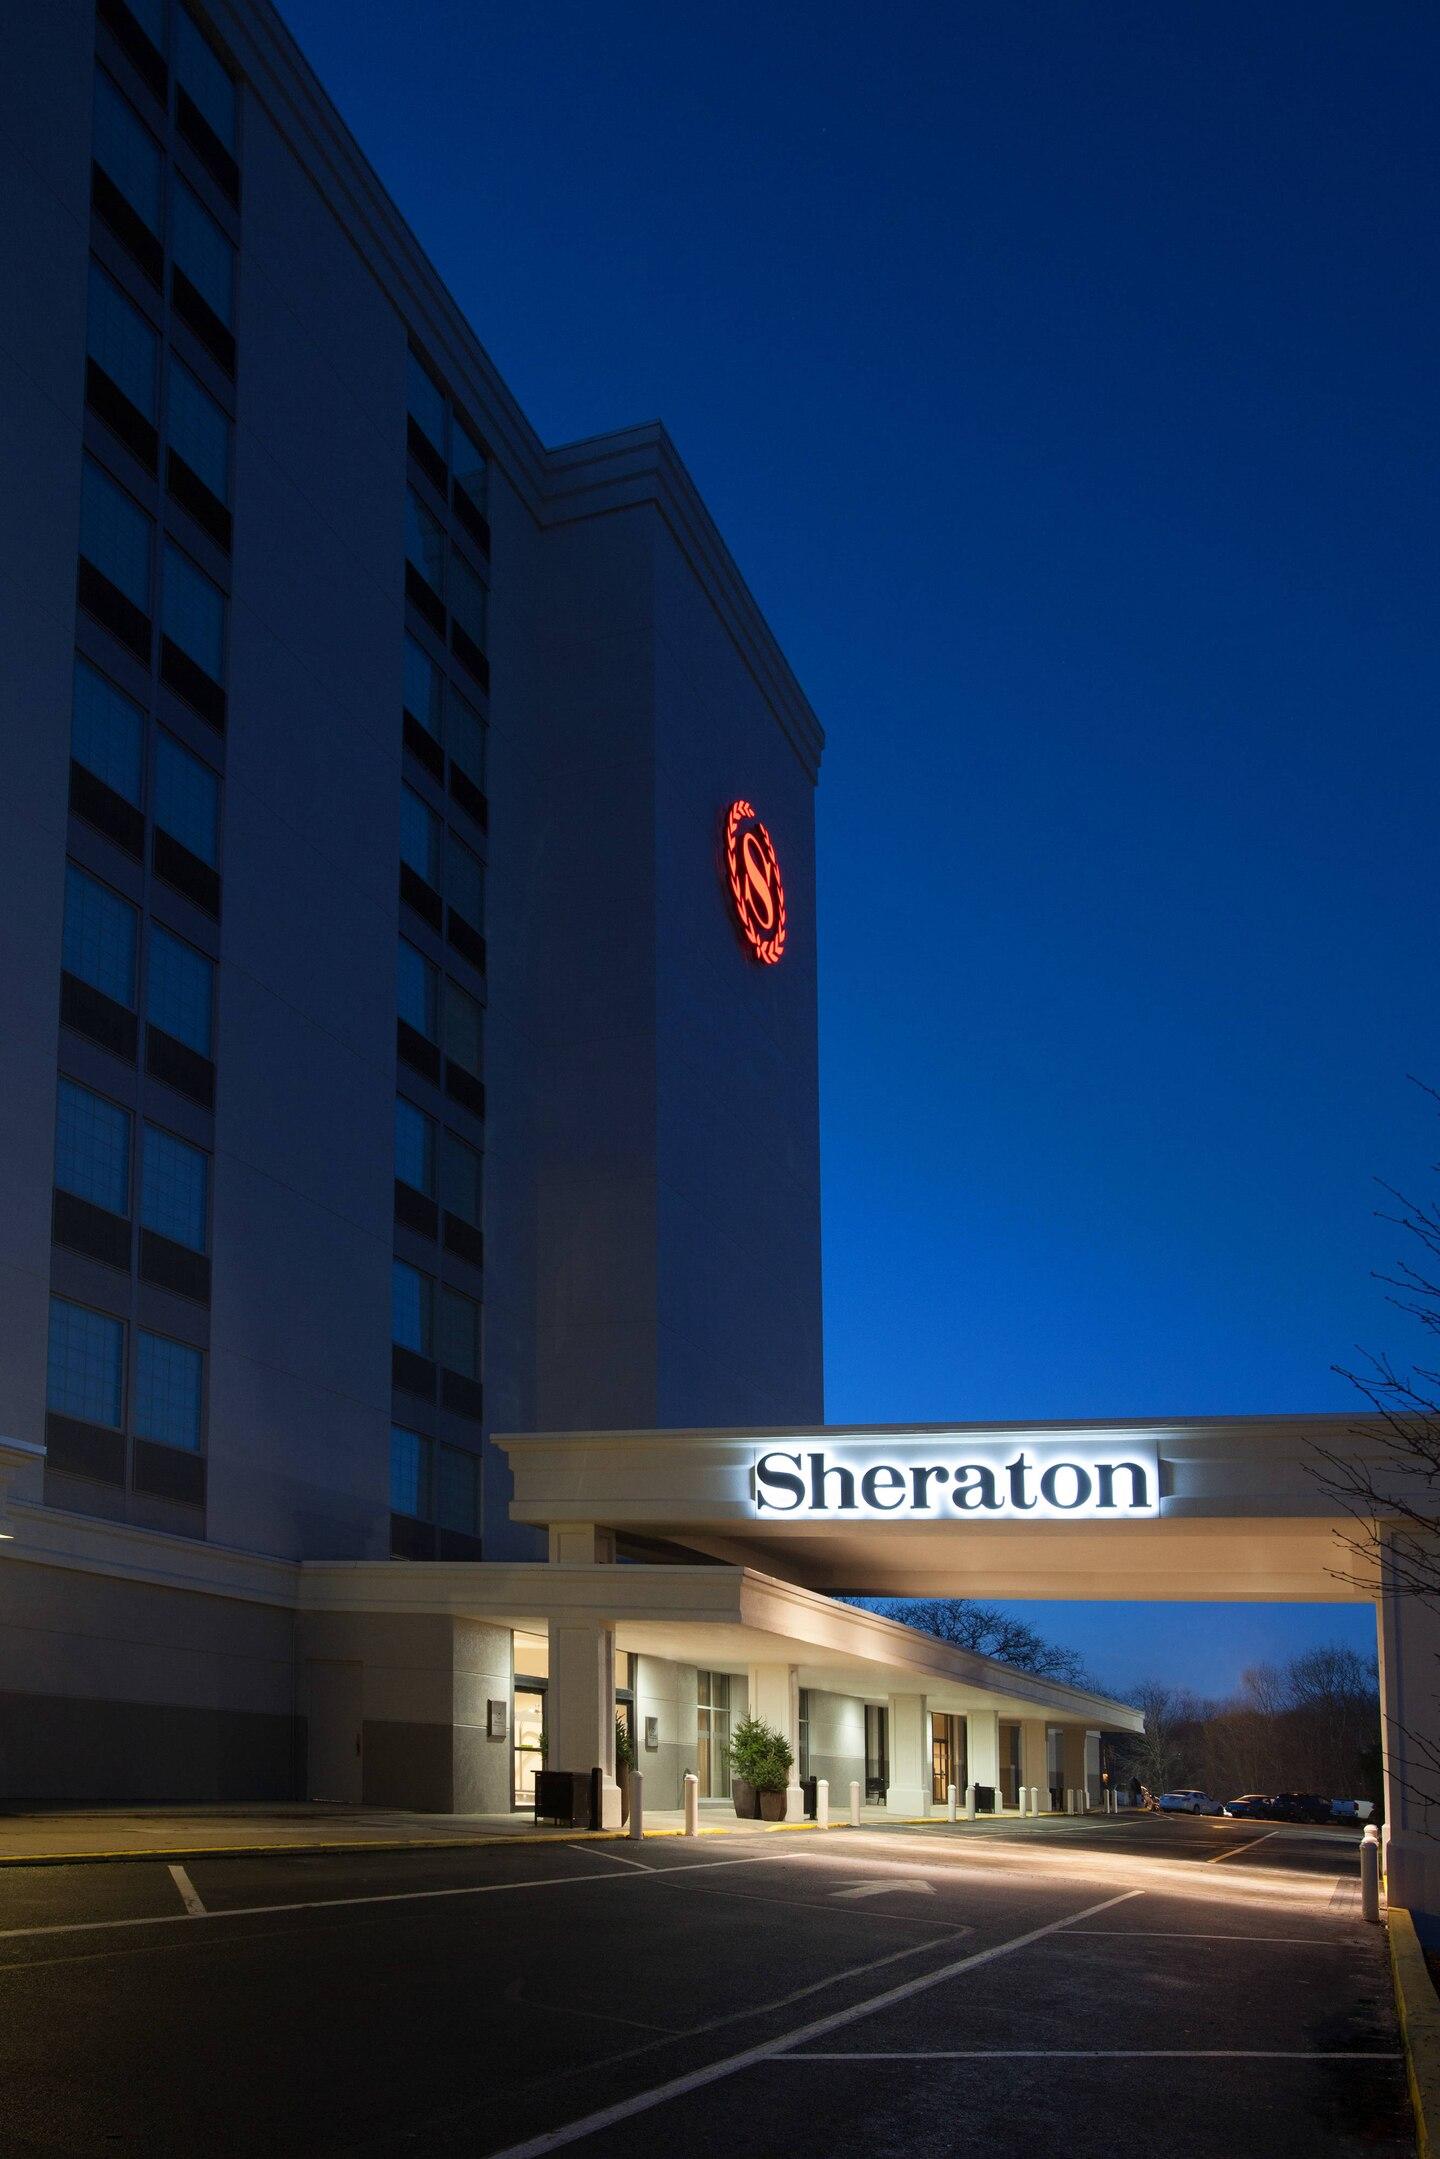 Sheraton Pitt Ext Night